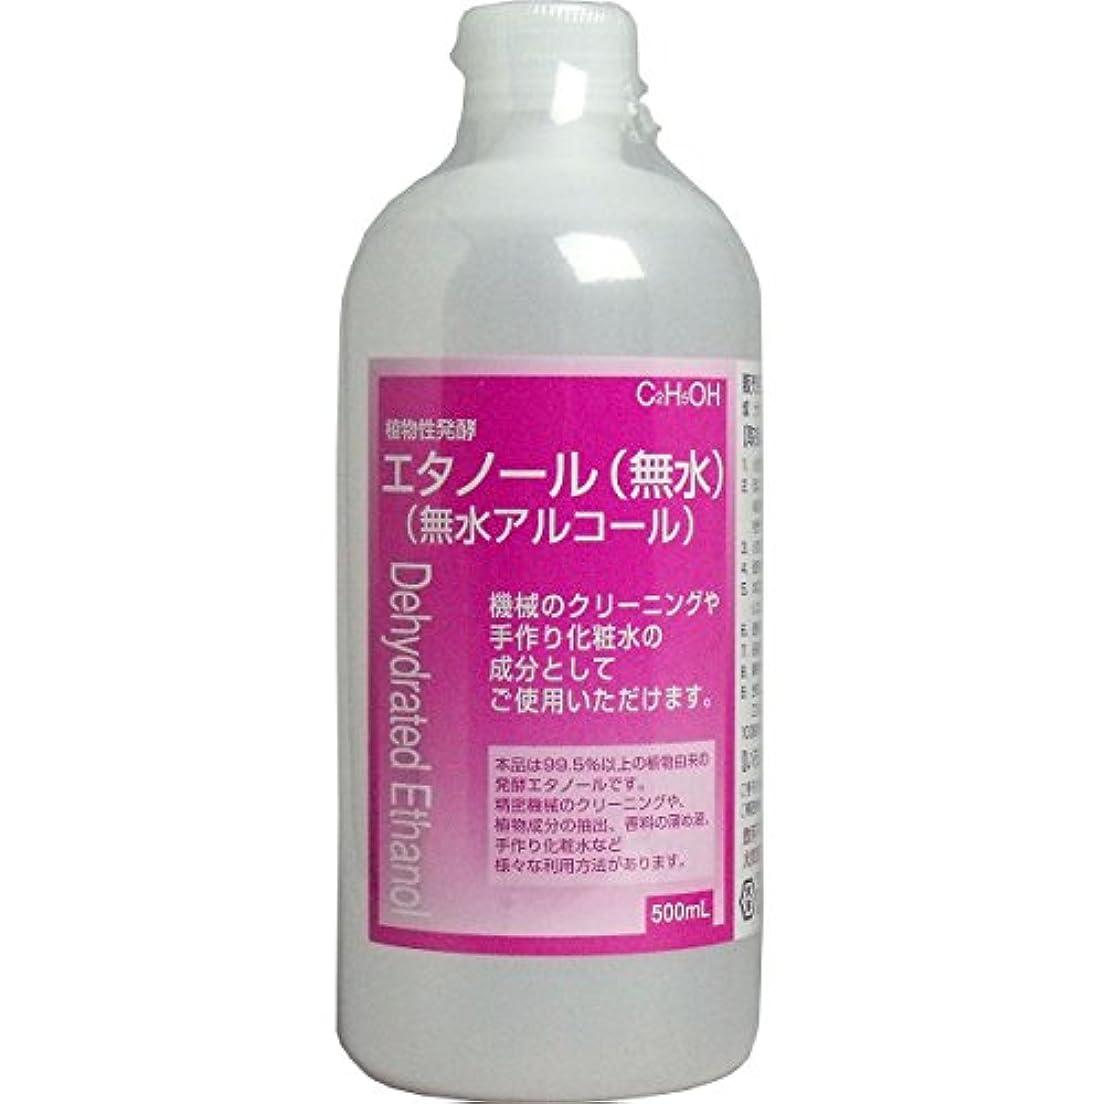 所有権軽食関係する手作り化粧水に 植物性発酵エタノール(無水エタノール) 500mL 2本セット